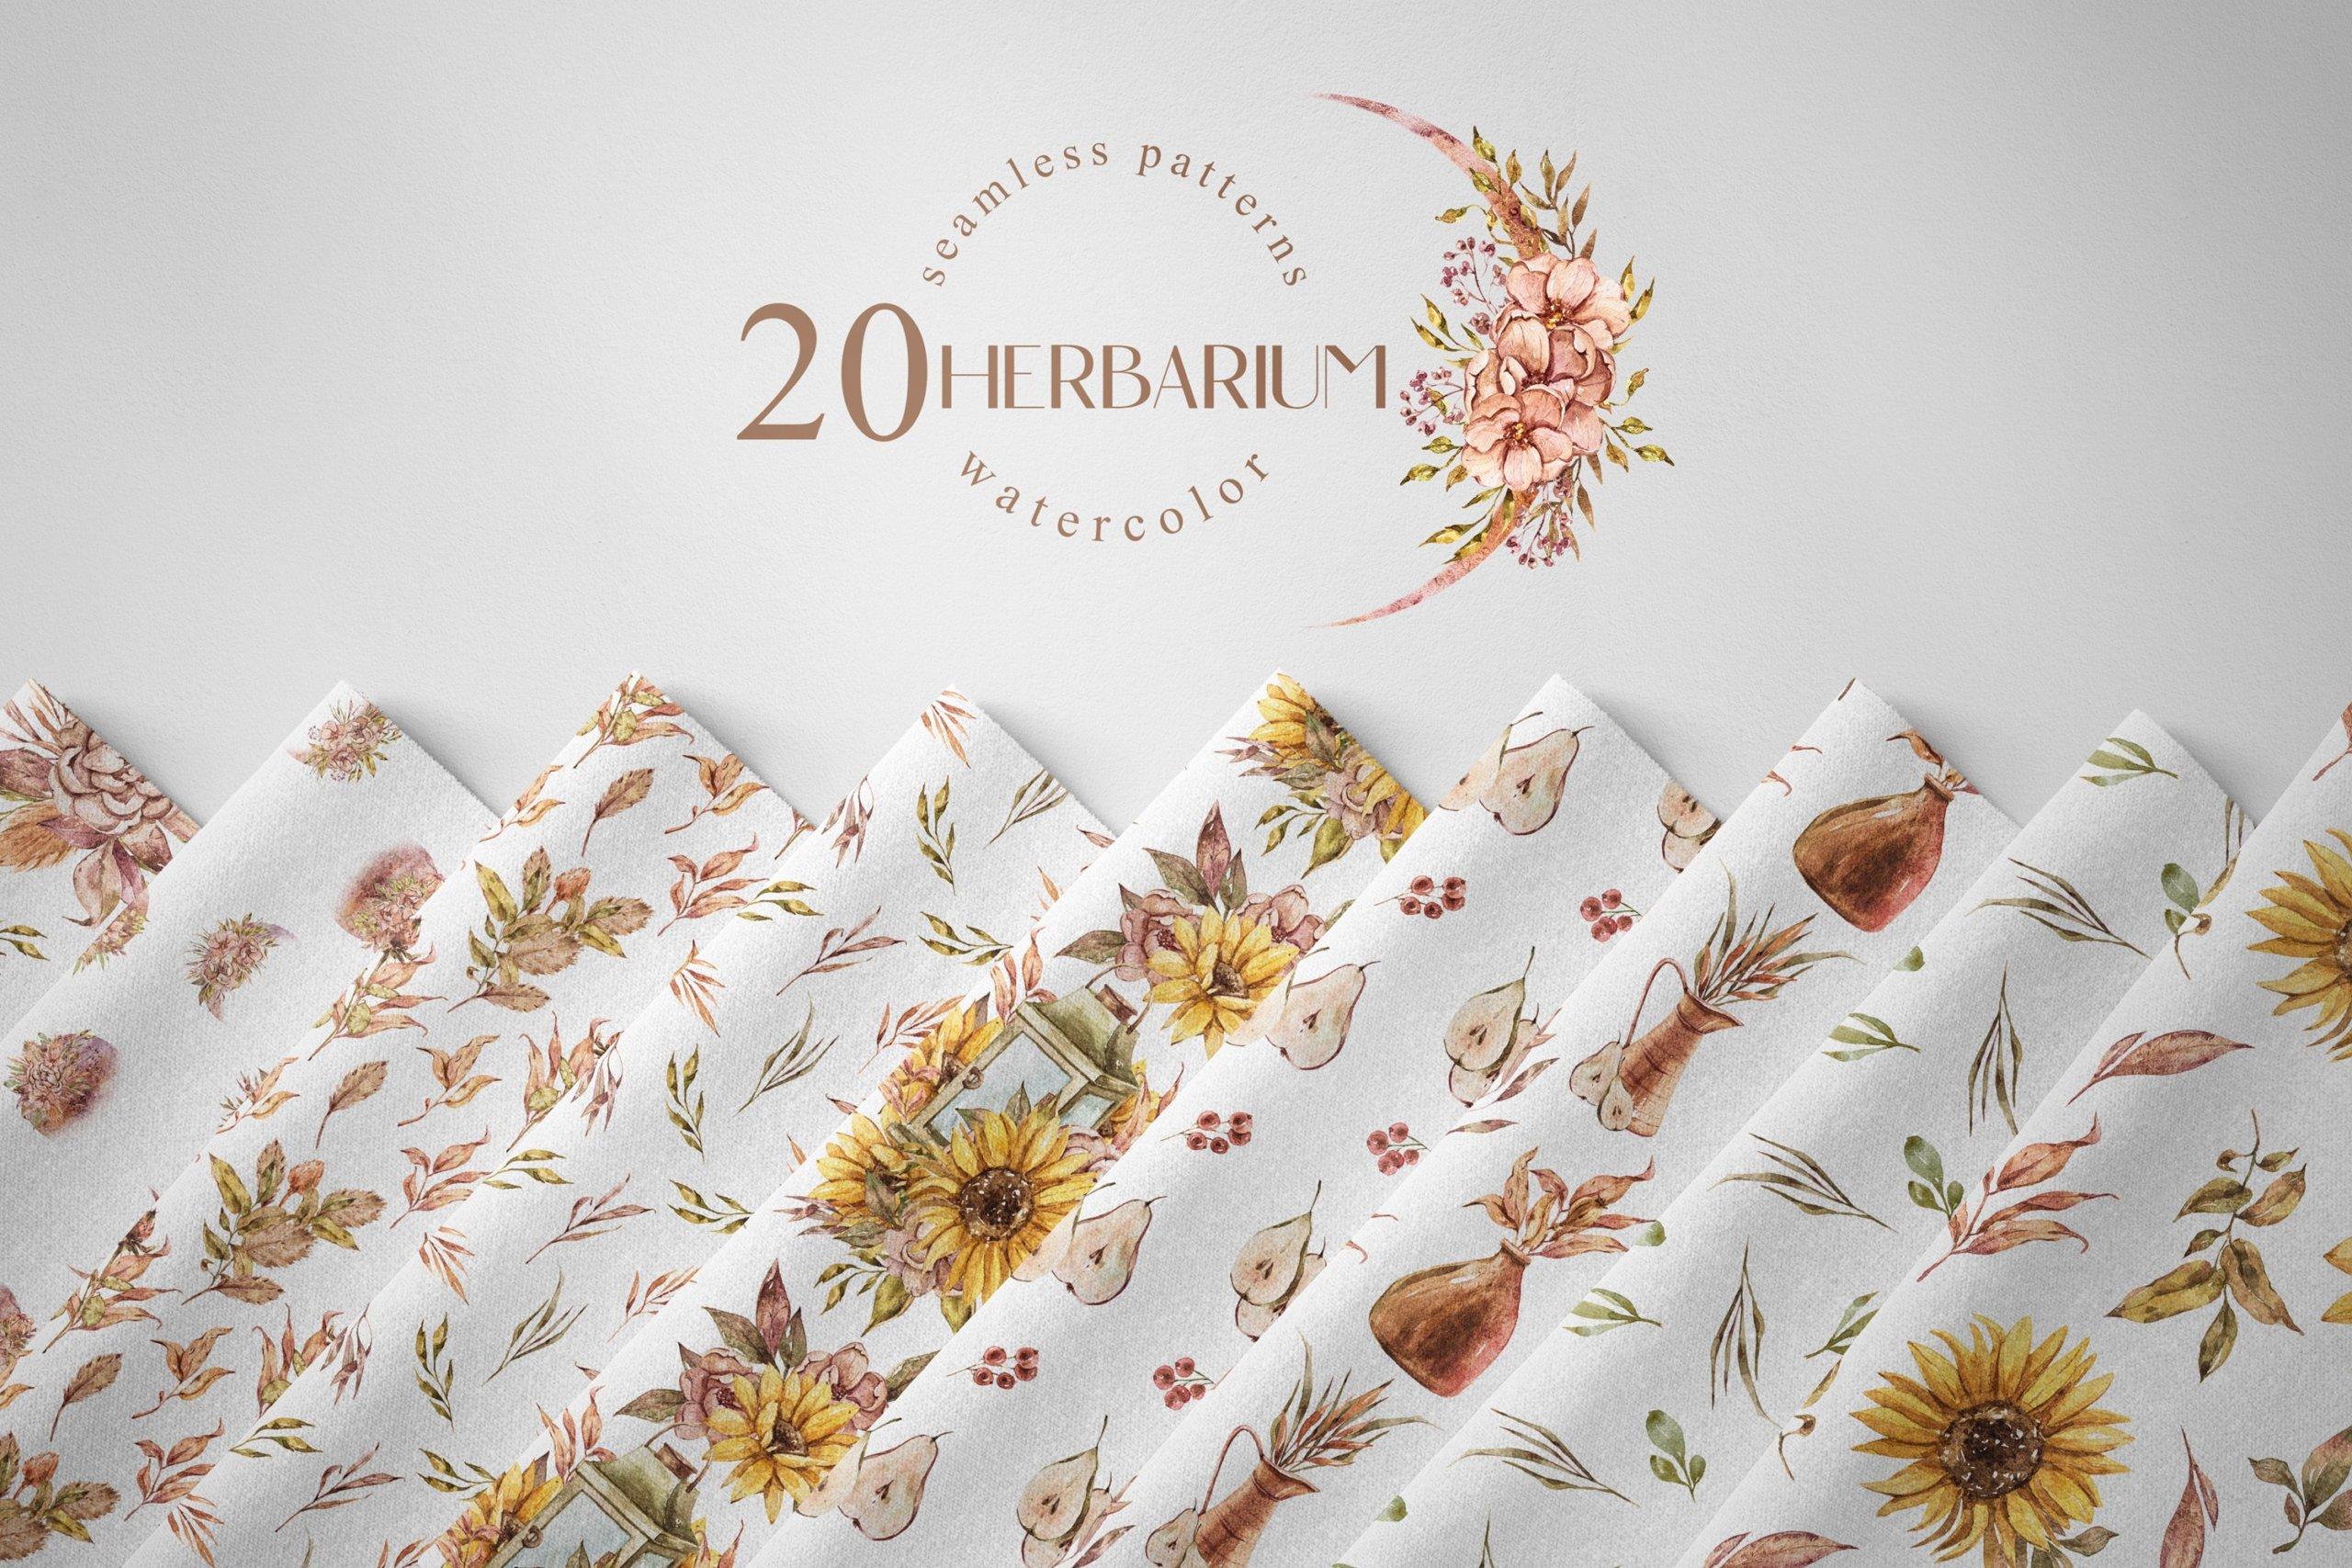 15款高清花卉字母手绘水彩插图图片设计素材 Watercolor Floral Seamless Patterns插图4